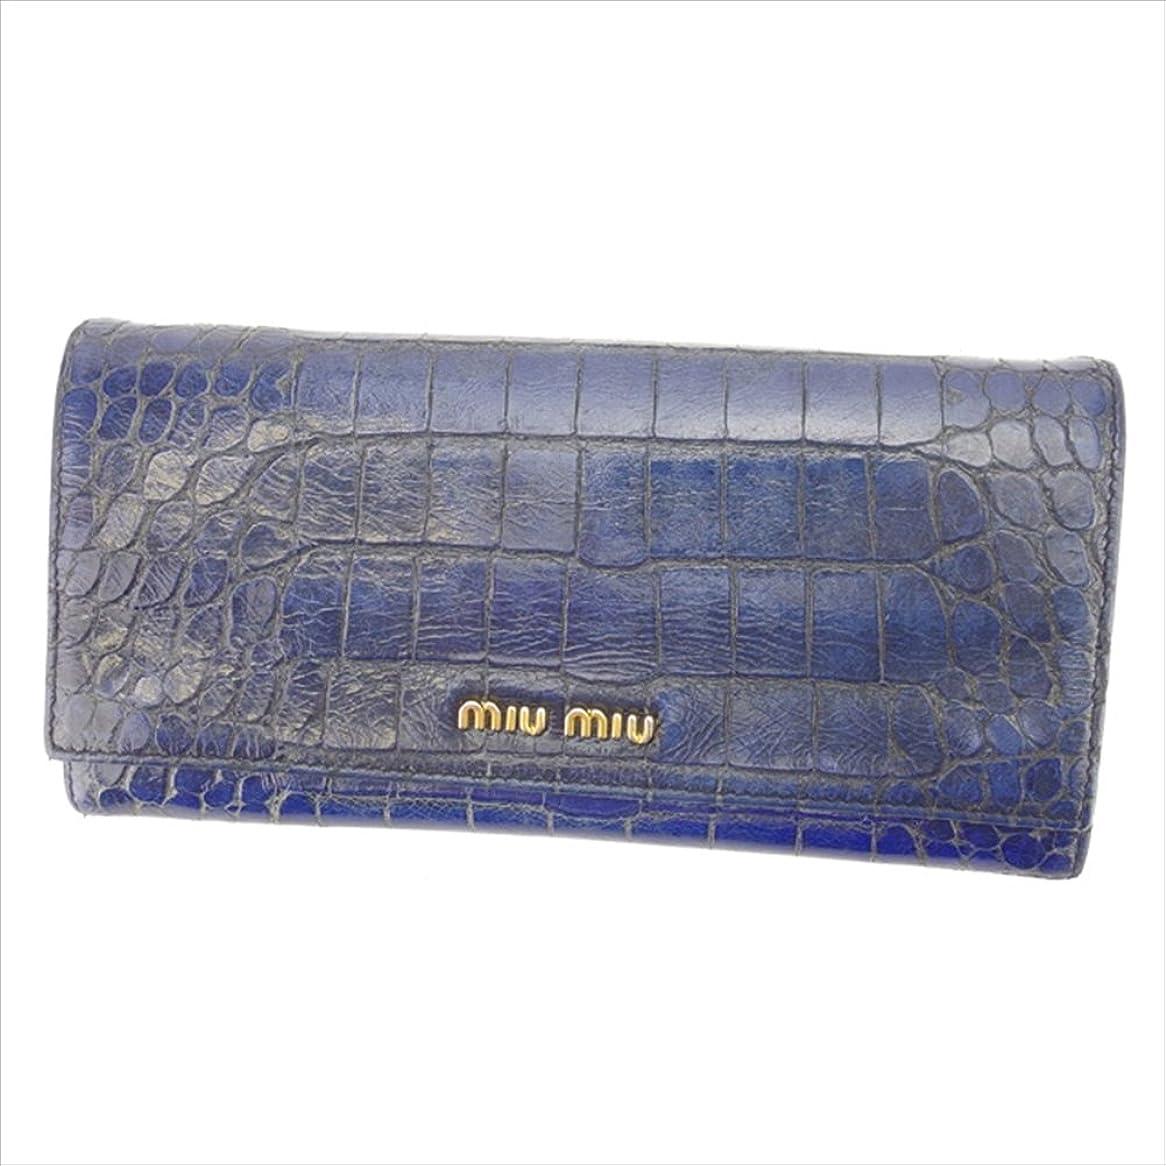 公爵お風呂を持っている受ける(ミュウミュウ) Miu Miu 長財布 ファスナー付き長財布 ブルー×ゴールド クロコダイル調 レディース 中古 P328